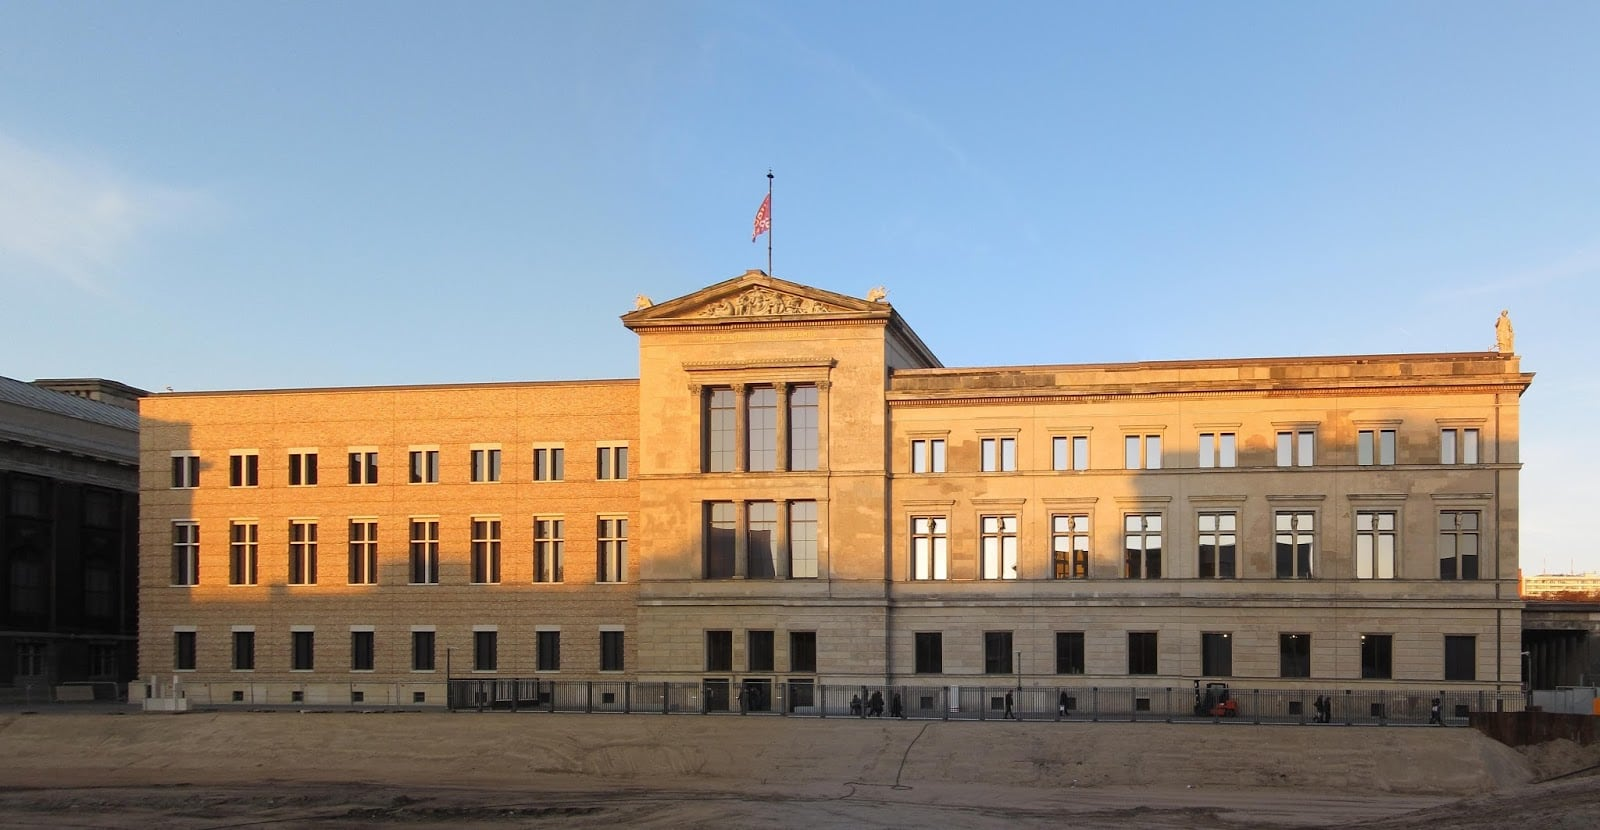 Neues Museum - Museu Novo em Berlim